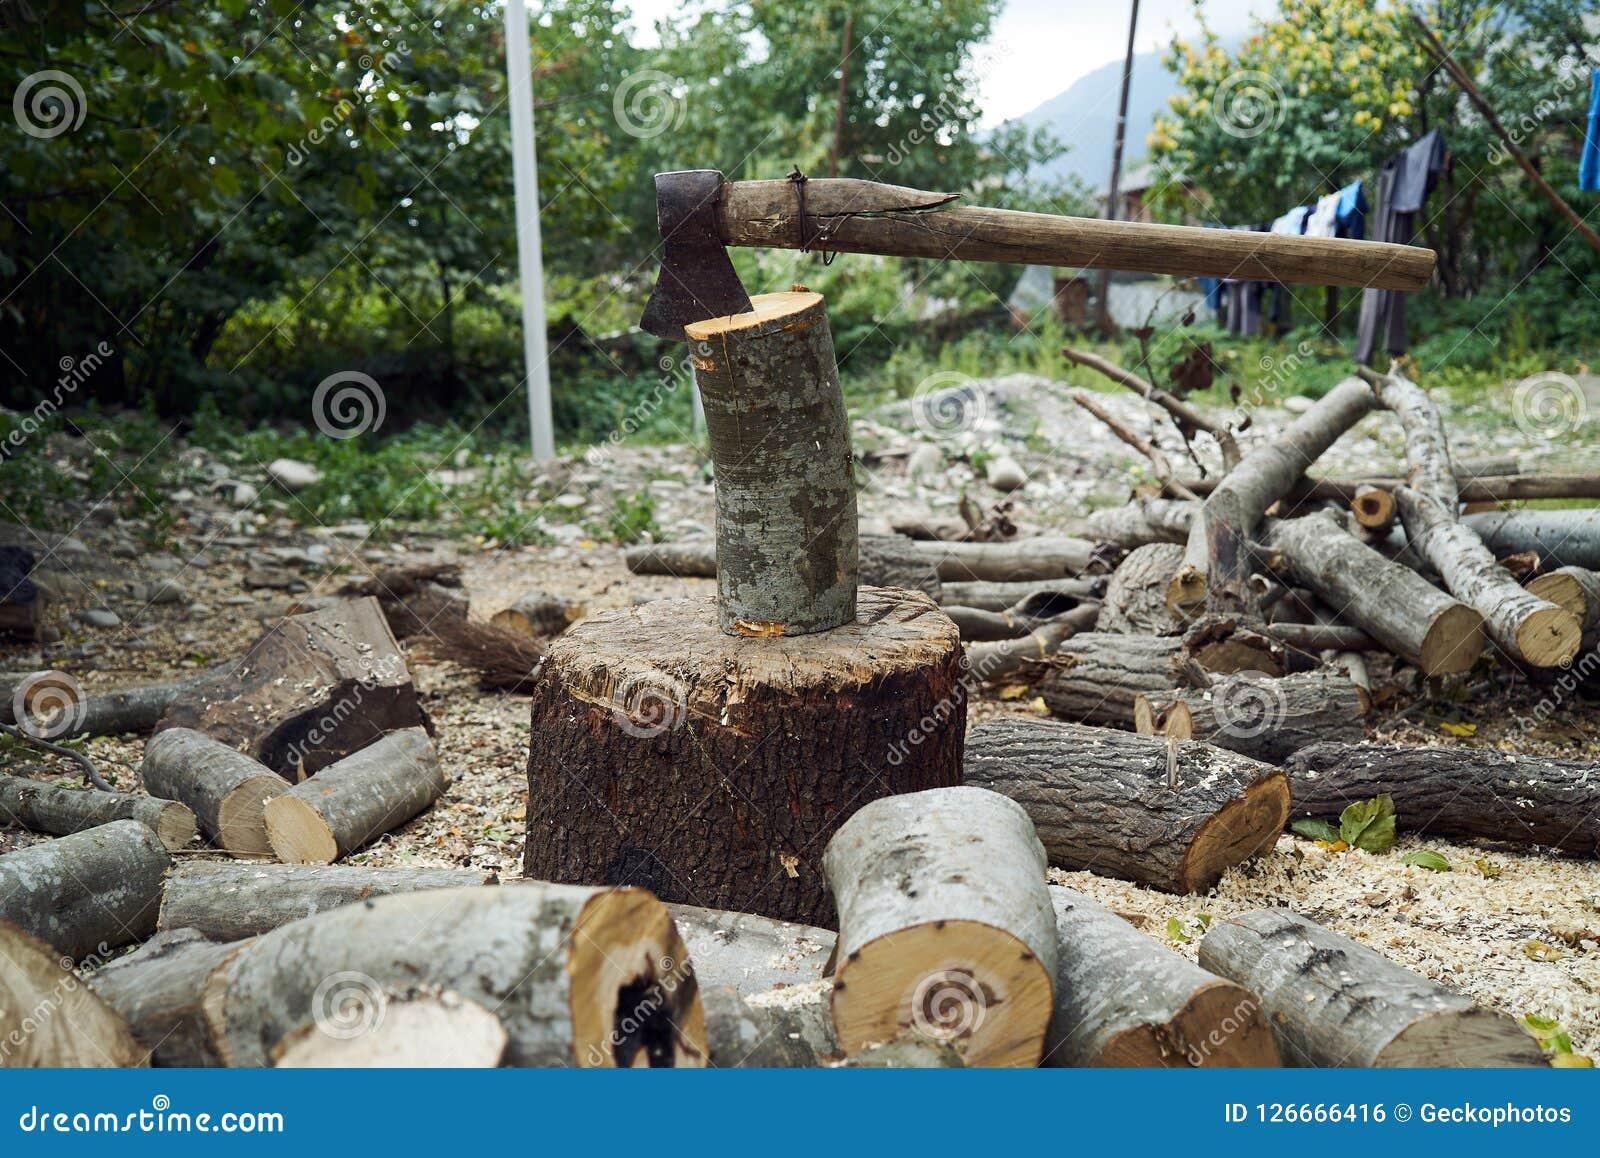 Stapels van brandhout in het bos, close-up